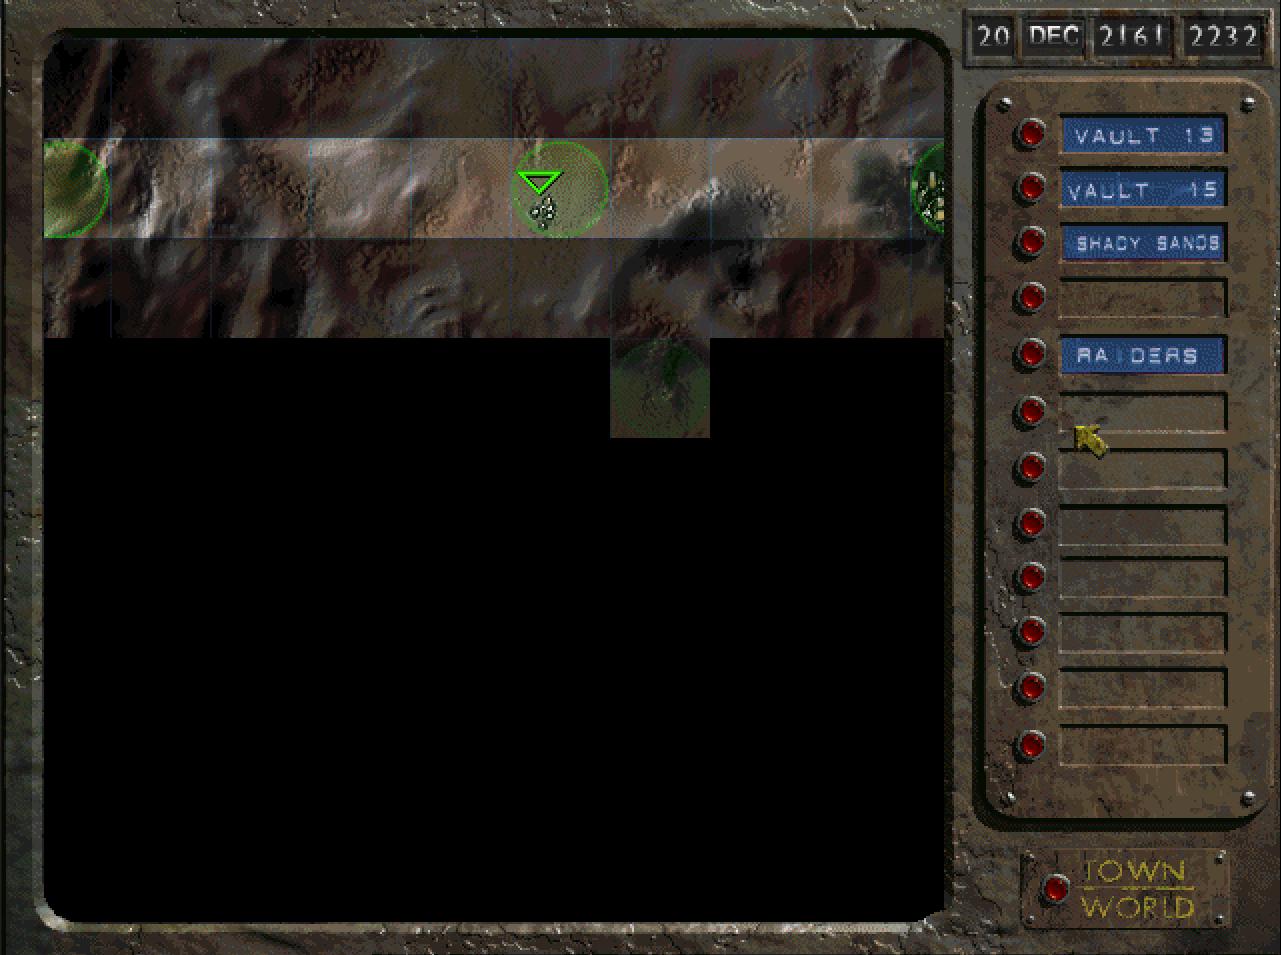 raiders map1